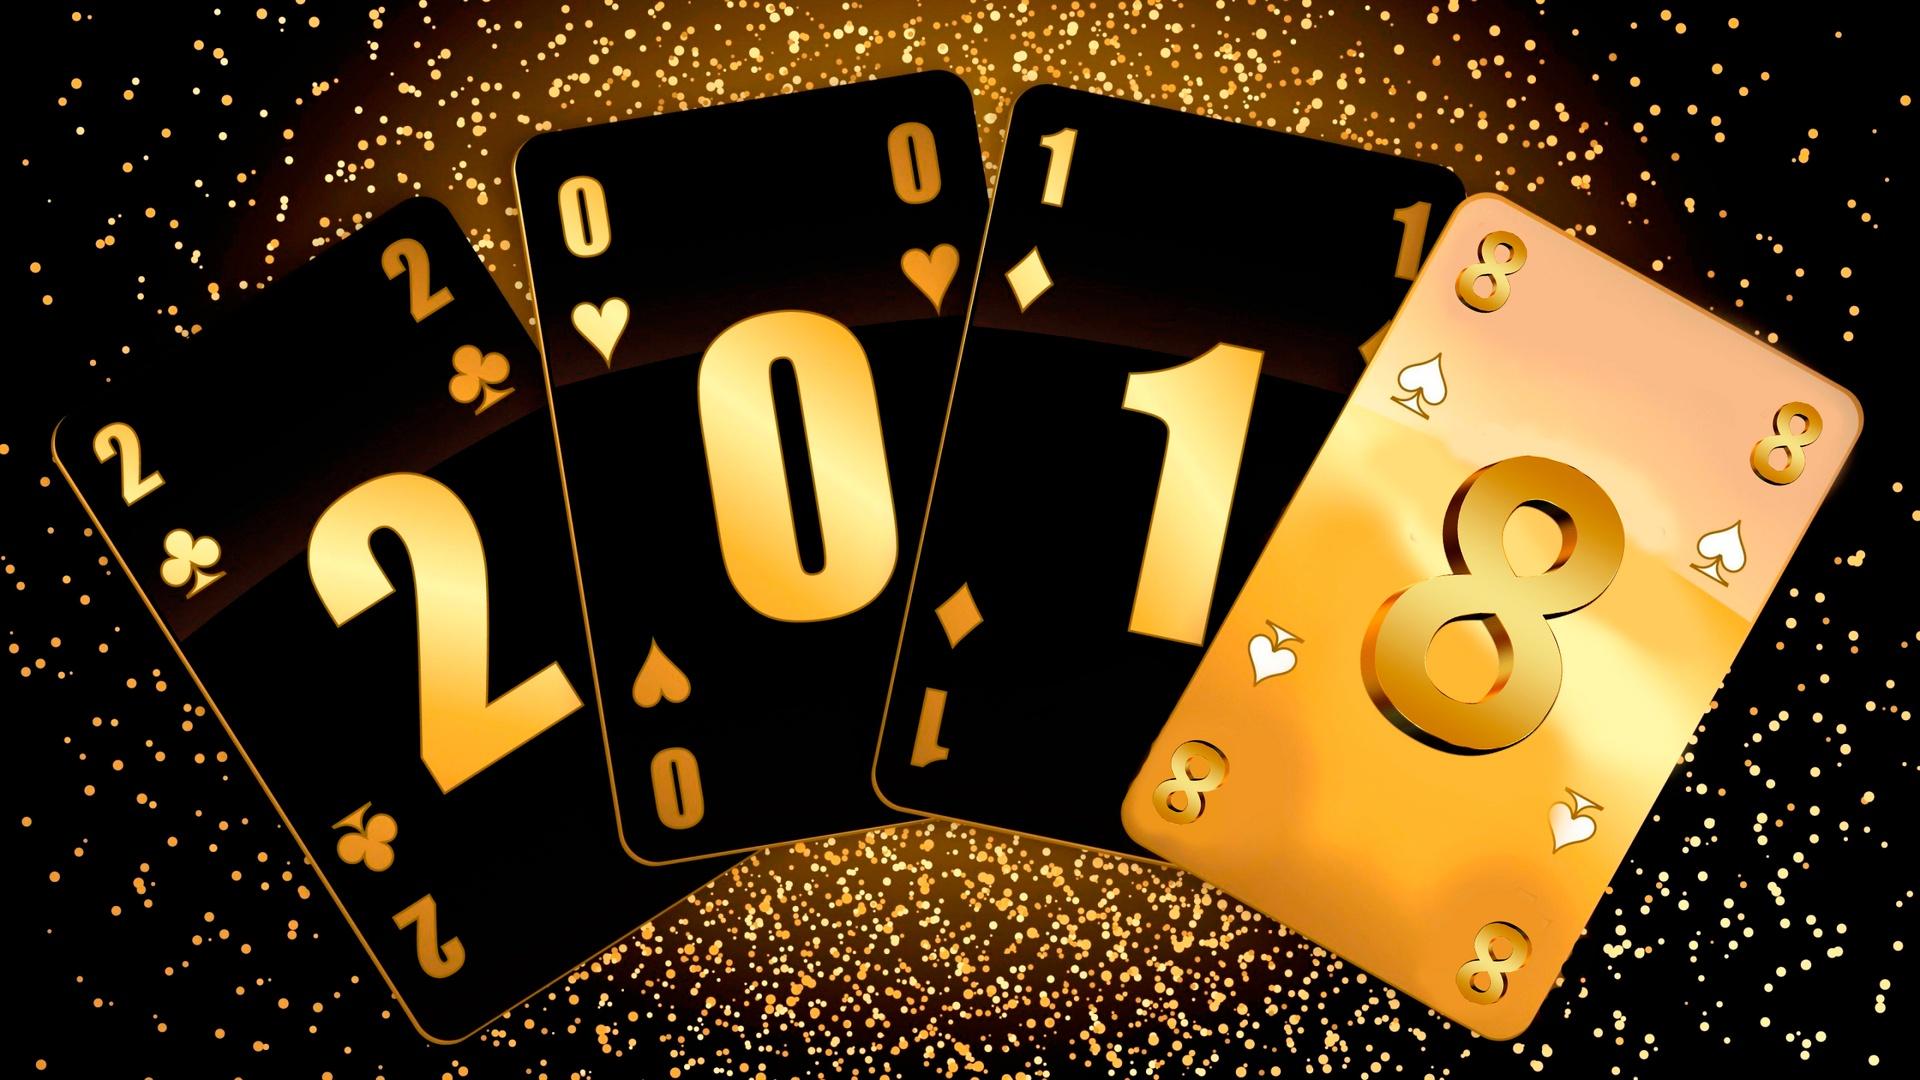 картинки новый год картинки на рабочий стол